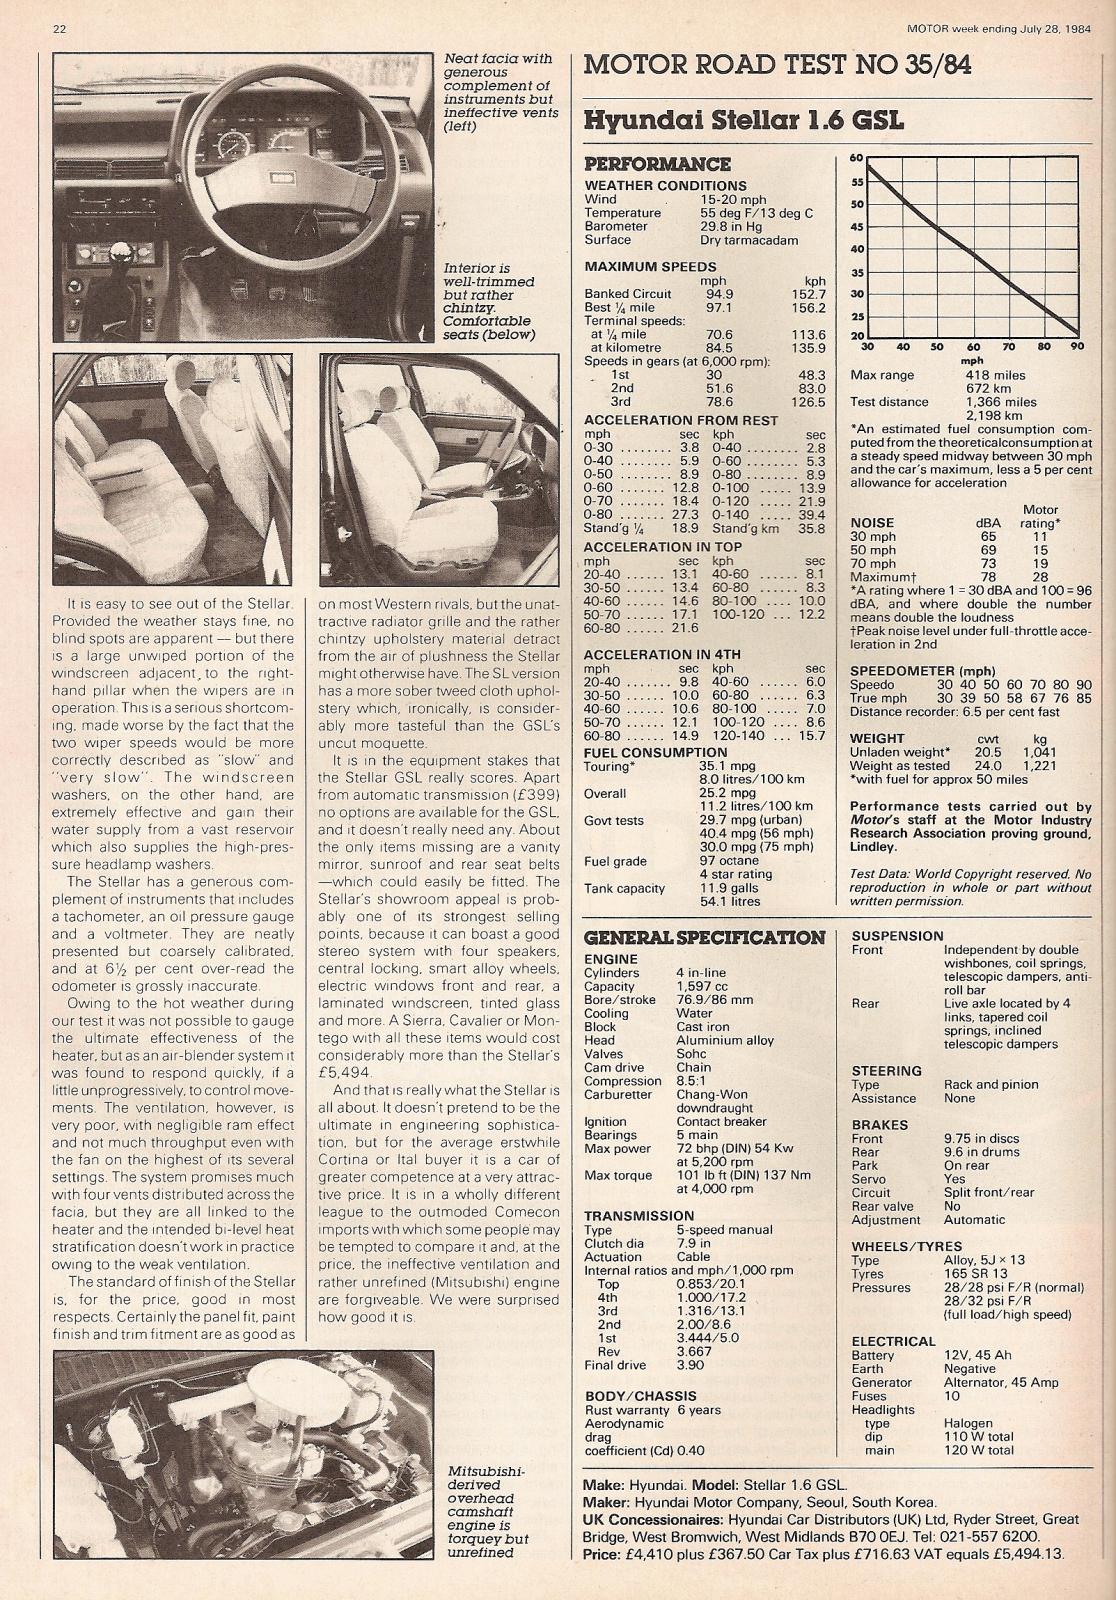 Hyundai Stellar 1.6 GSL Road Test 1984 (3).jpg